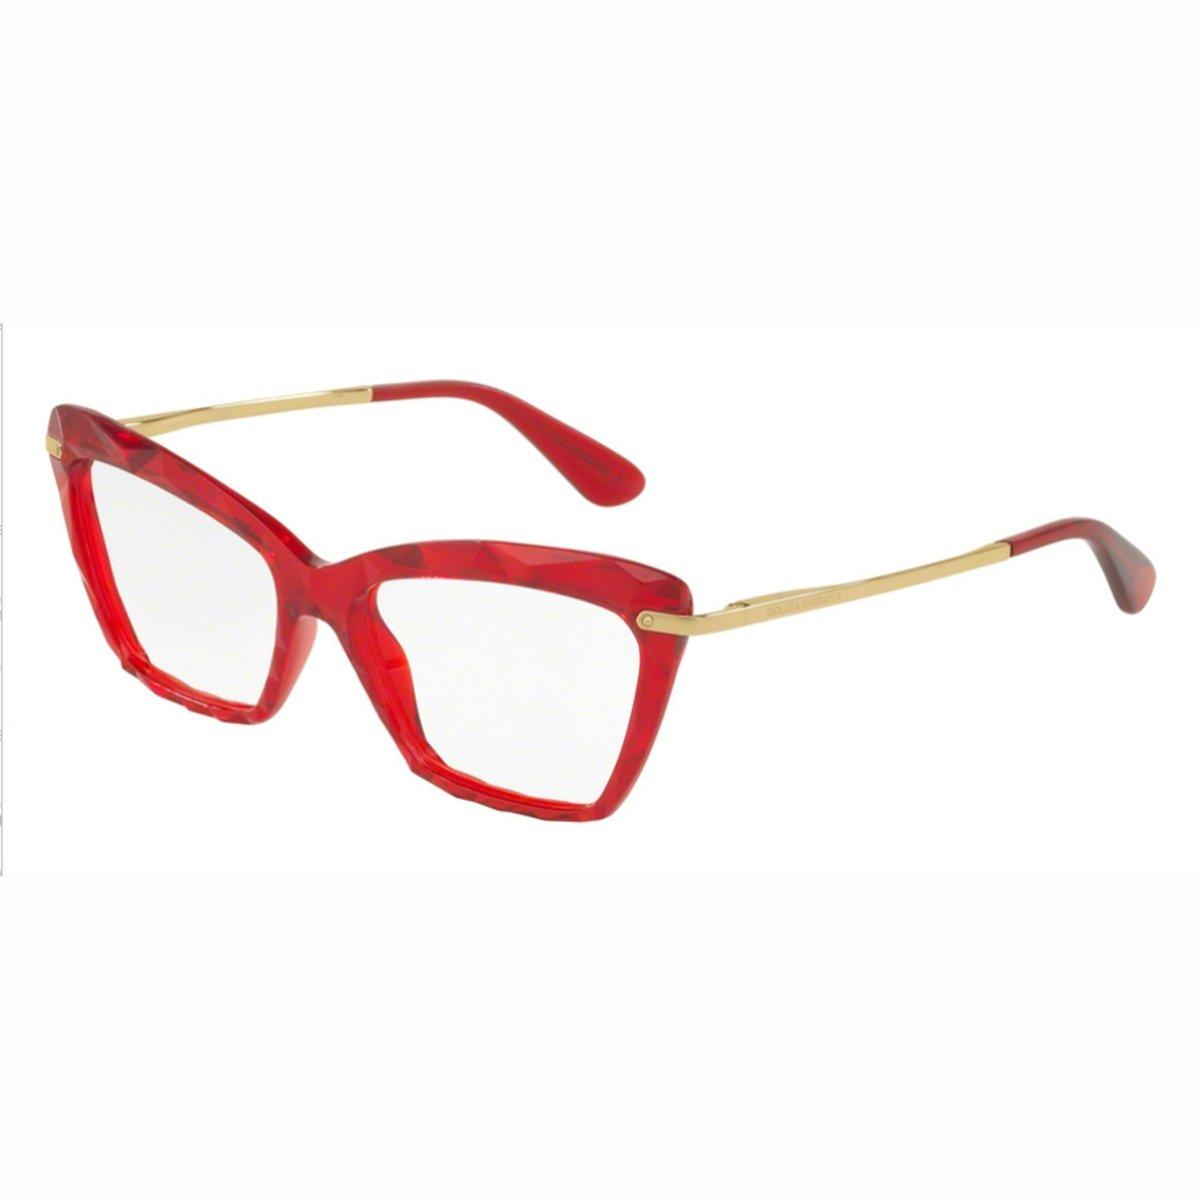 31790e8129457 Compre Óculos de Grau Dolce   Gabbana em 10X